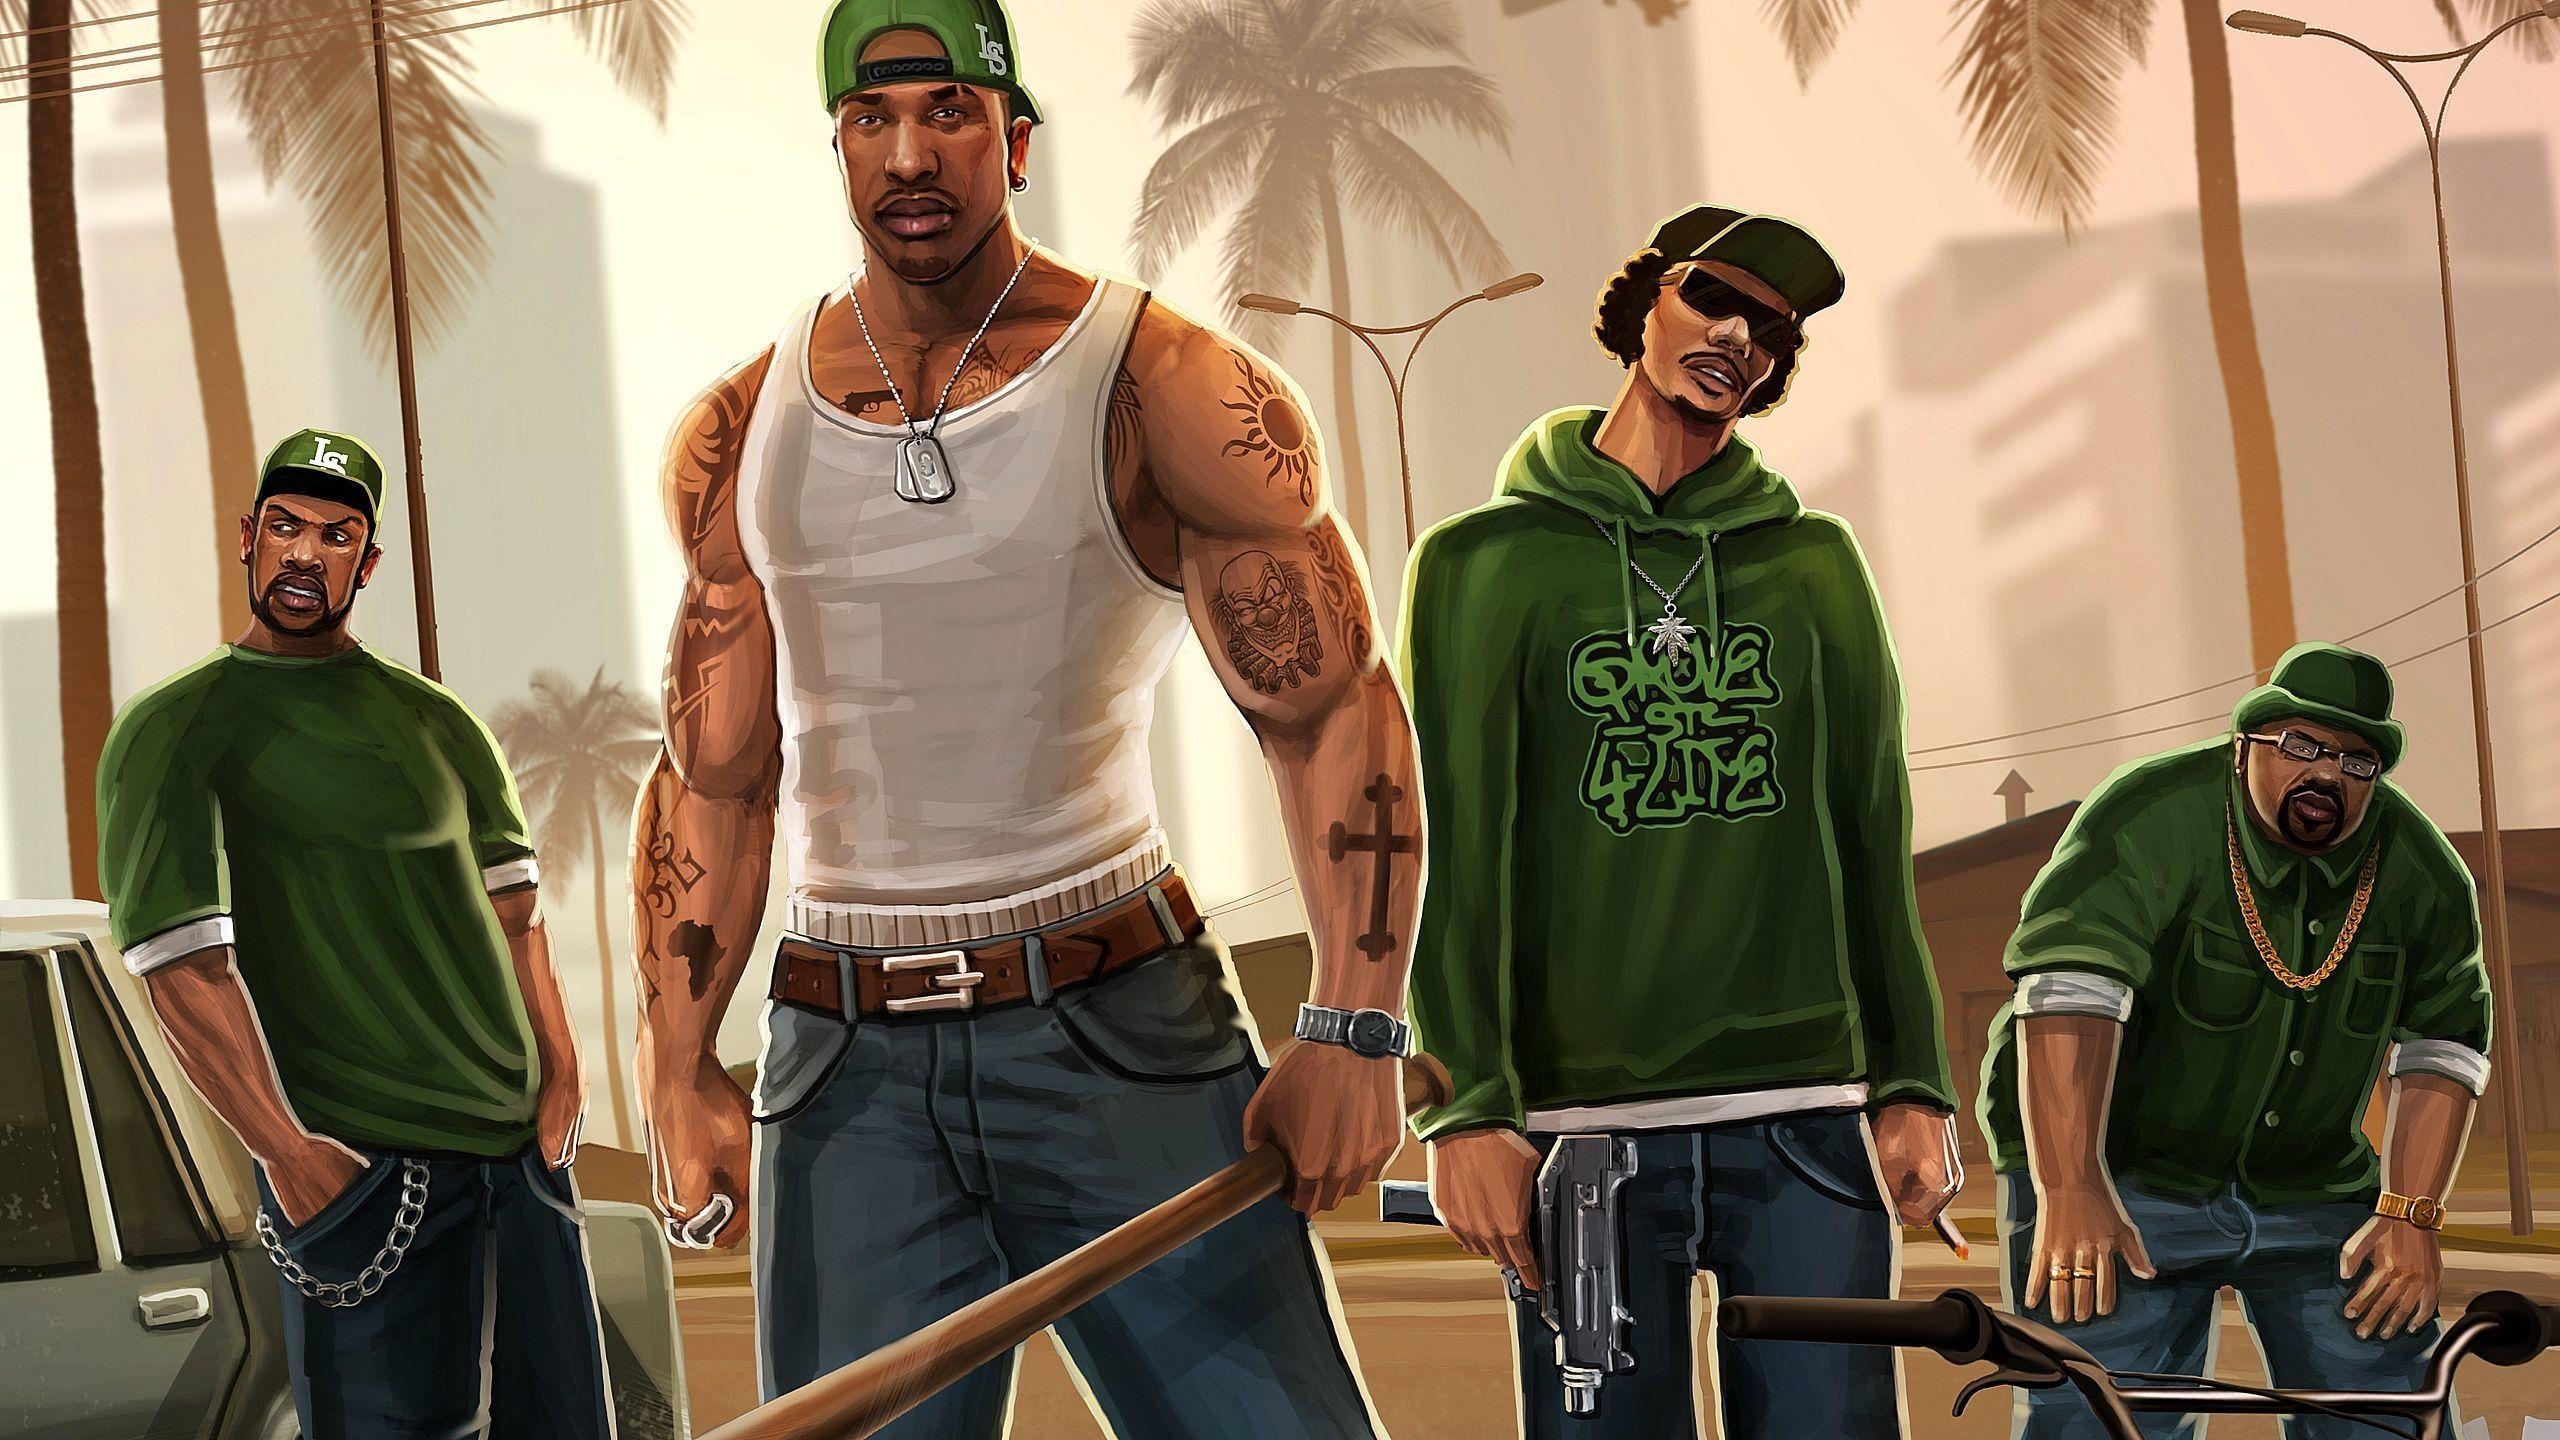 Cj From Gta San Andreas Wallpapers San Andreas Grand Theft Auto Games San Andreas Grand Theft Auto